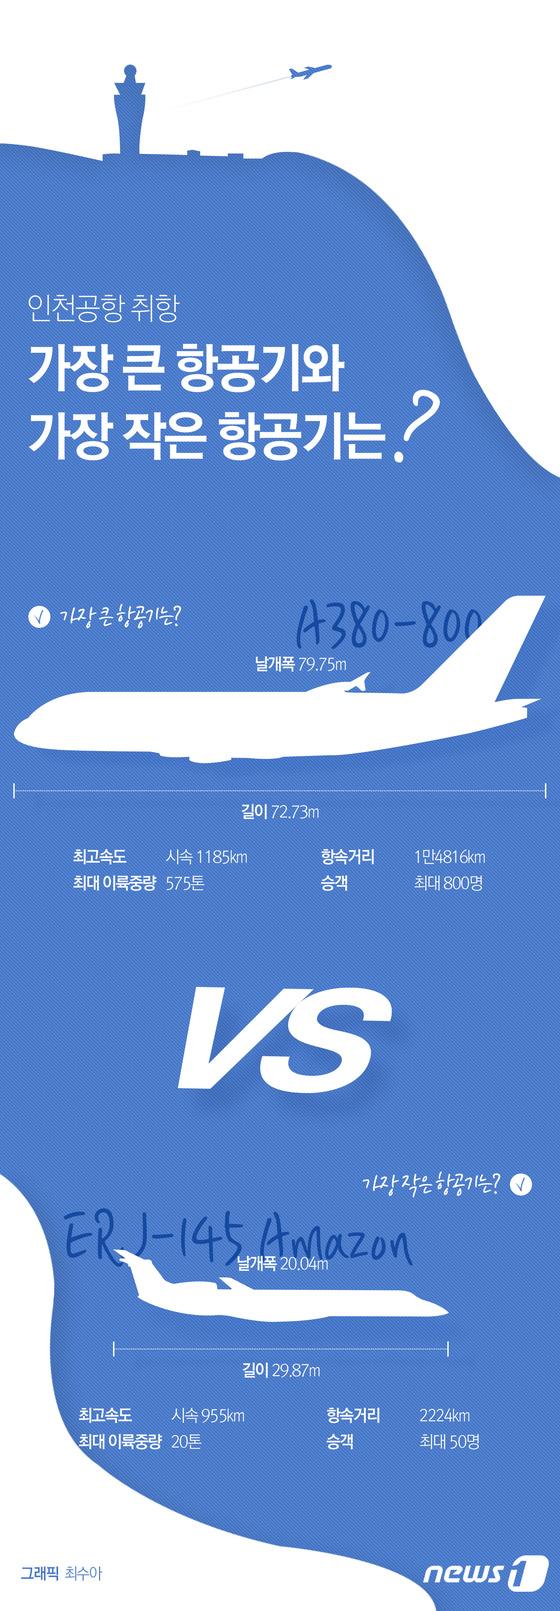 [그래픽뉴스] 인천공항 취항 가장 큰 항공기와 가장 작은 항공기는?